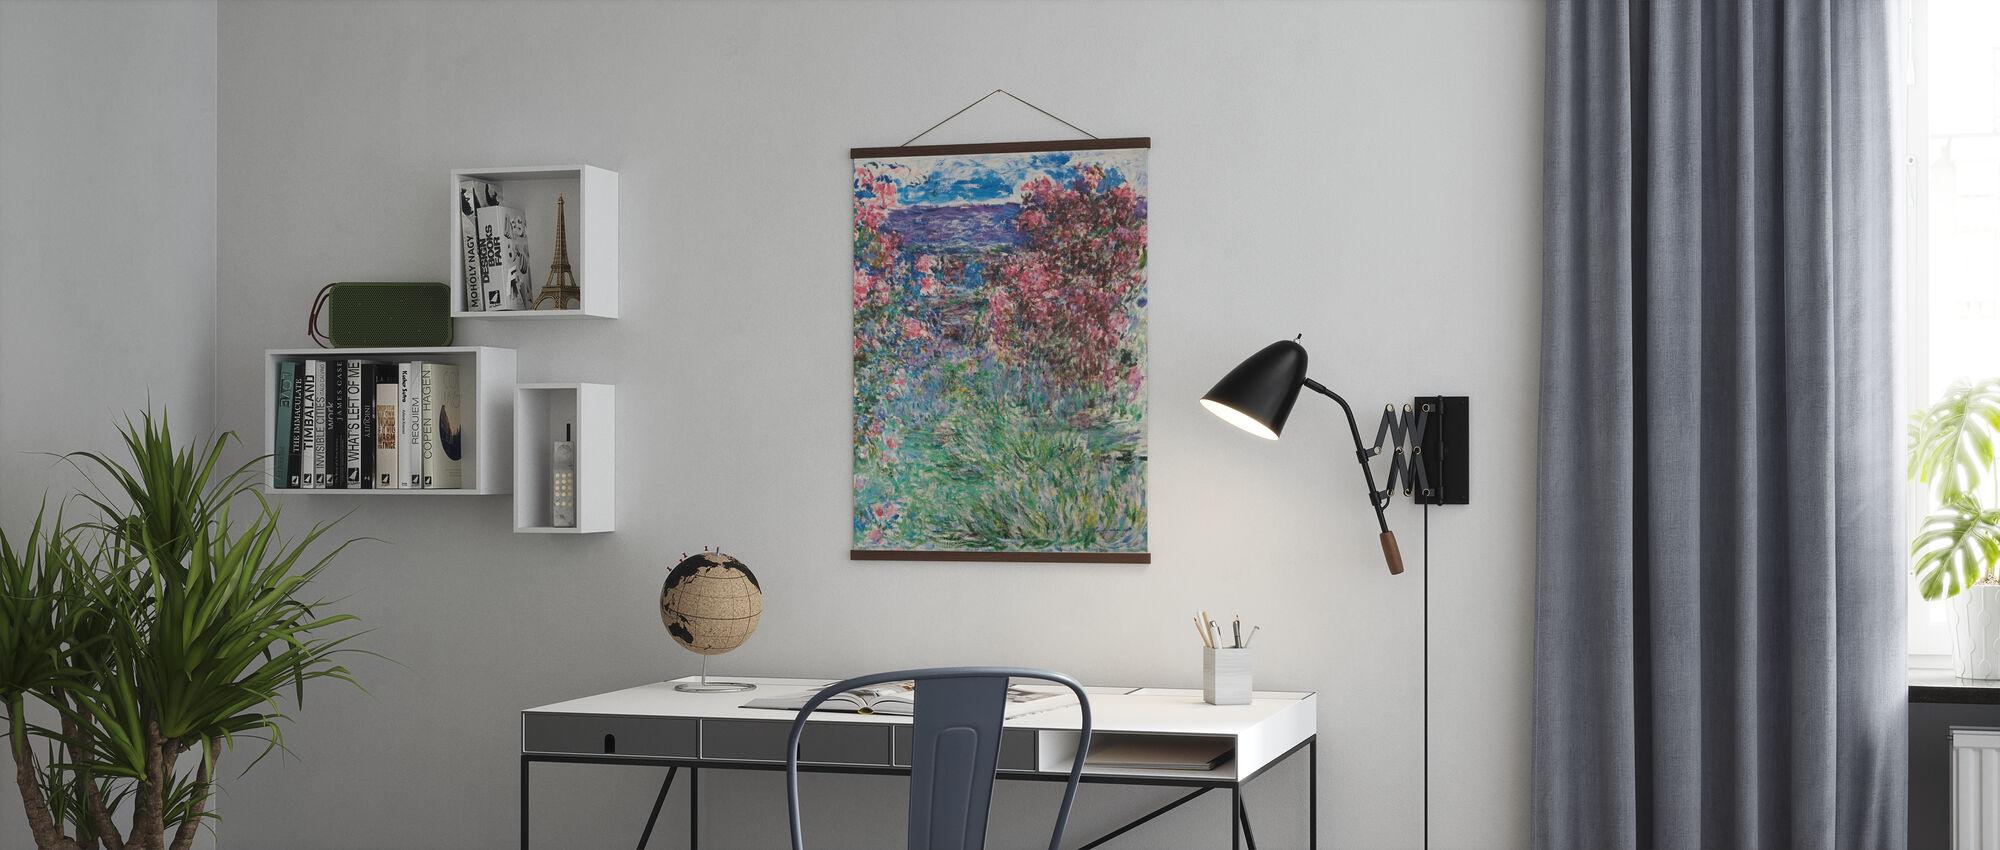 Hus Blant Roser - Claude Monet - Plakat - Kontor